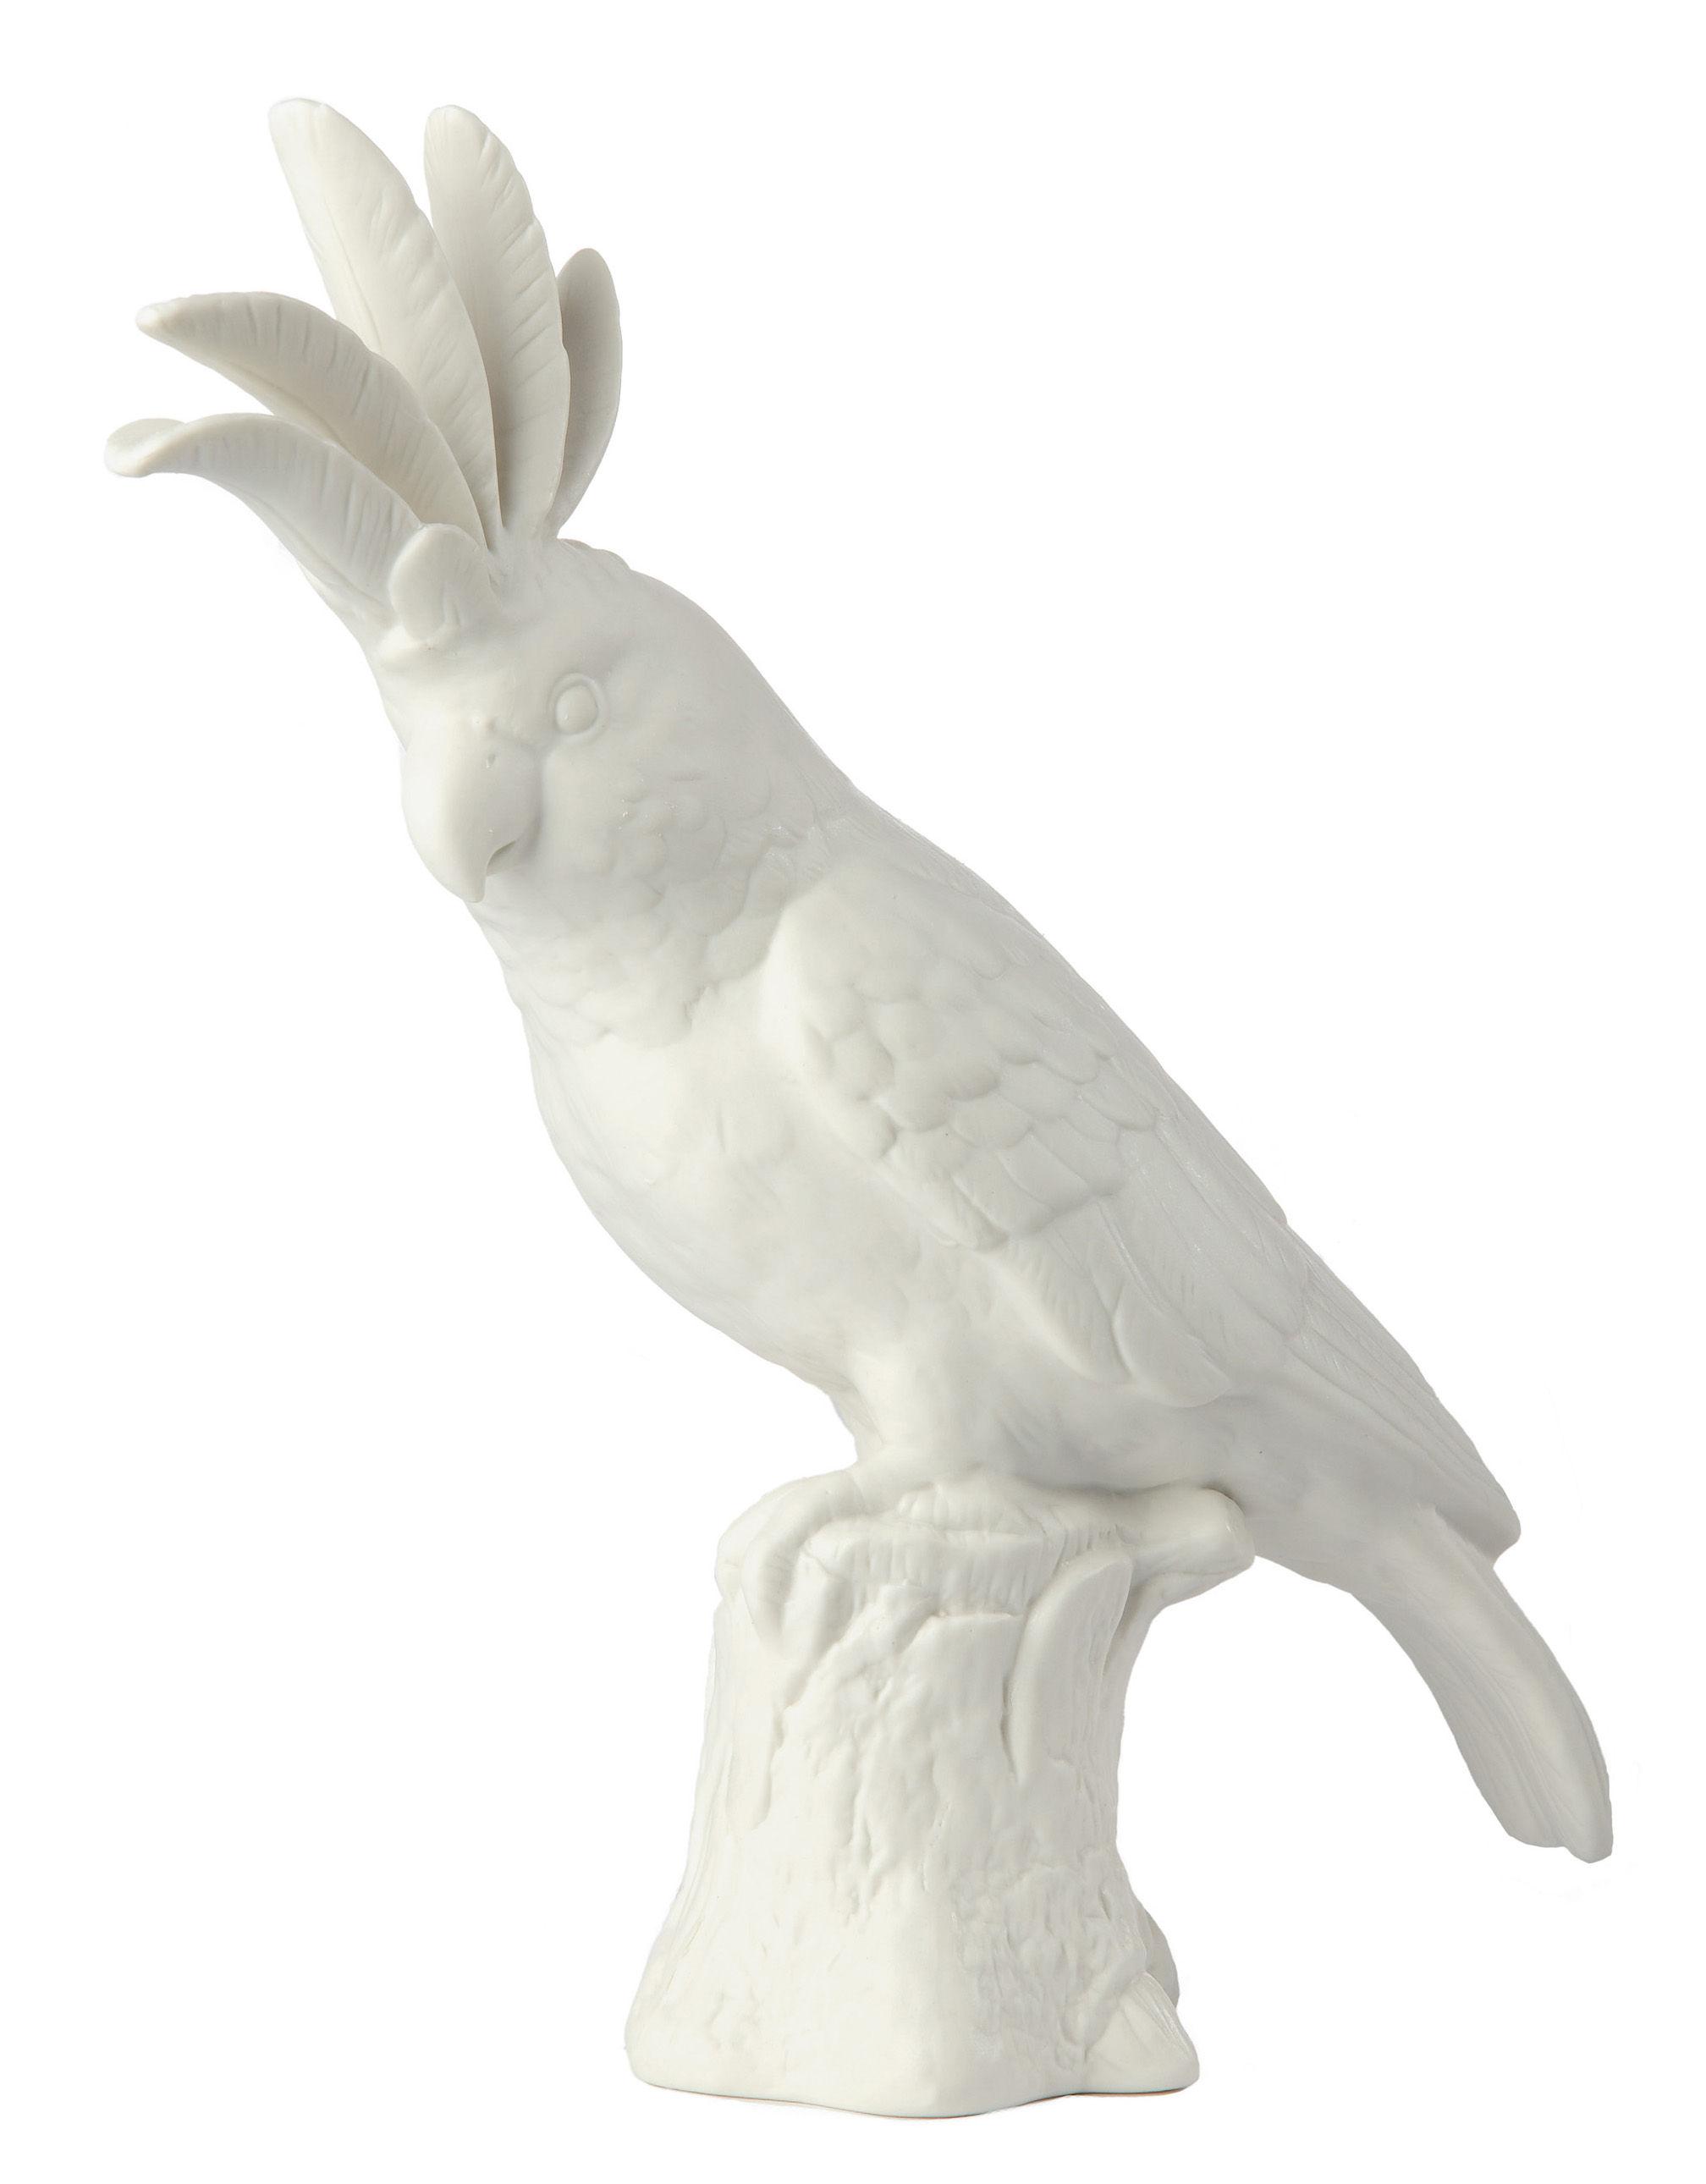 Interni - Oggetti déco - Decorazione Cacatoès - / Porcellana - H 33 cm di Pols Potten - Cacatuidi / Bianco - Porcellana